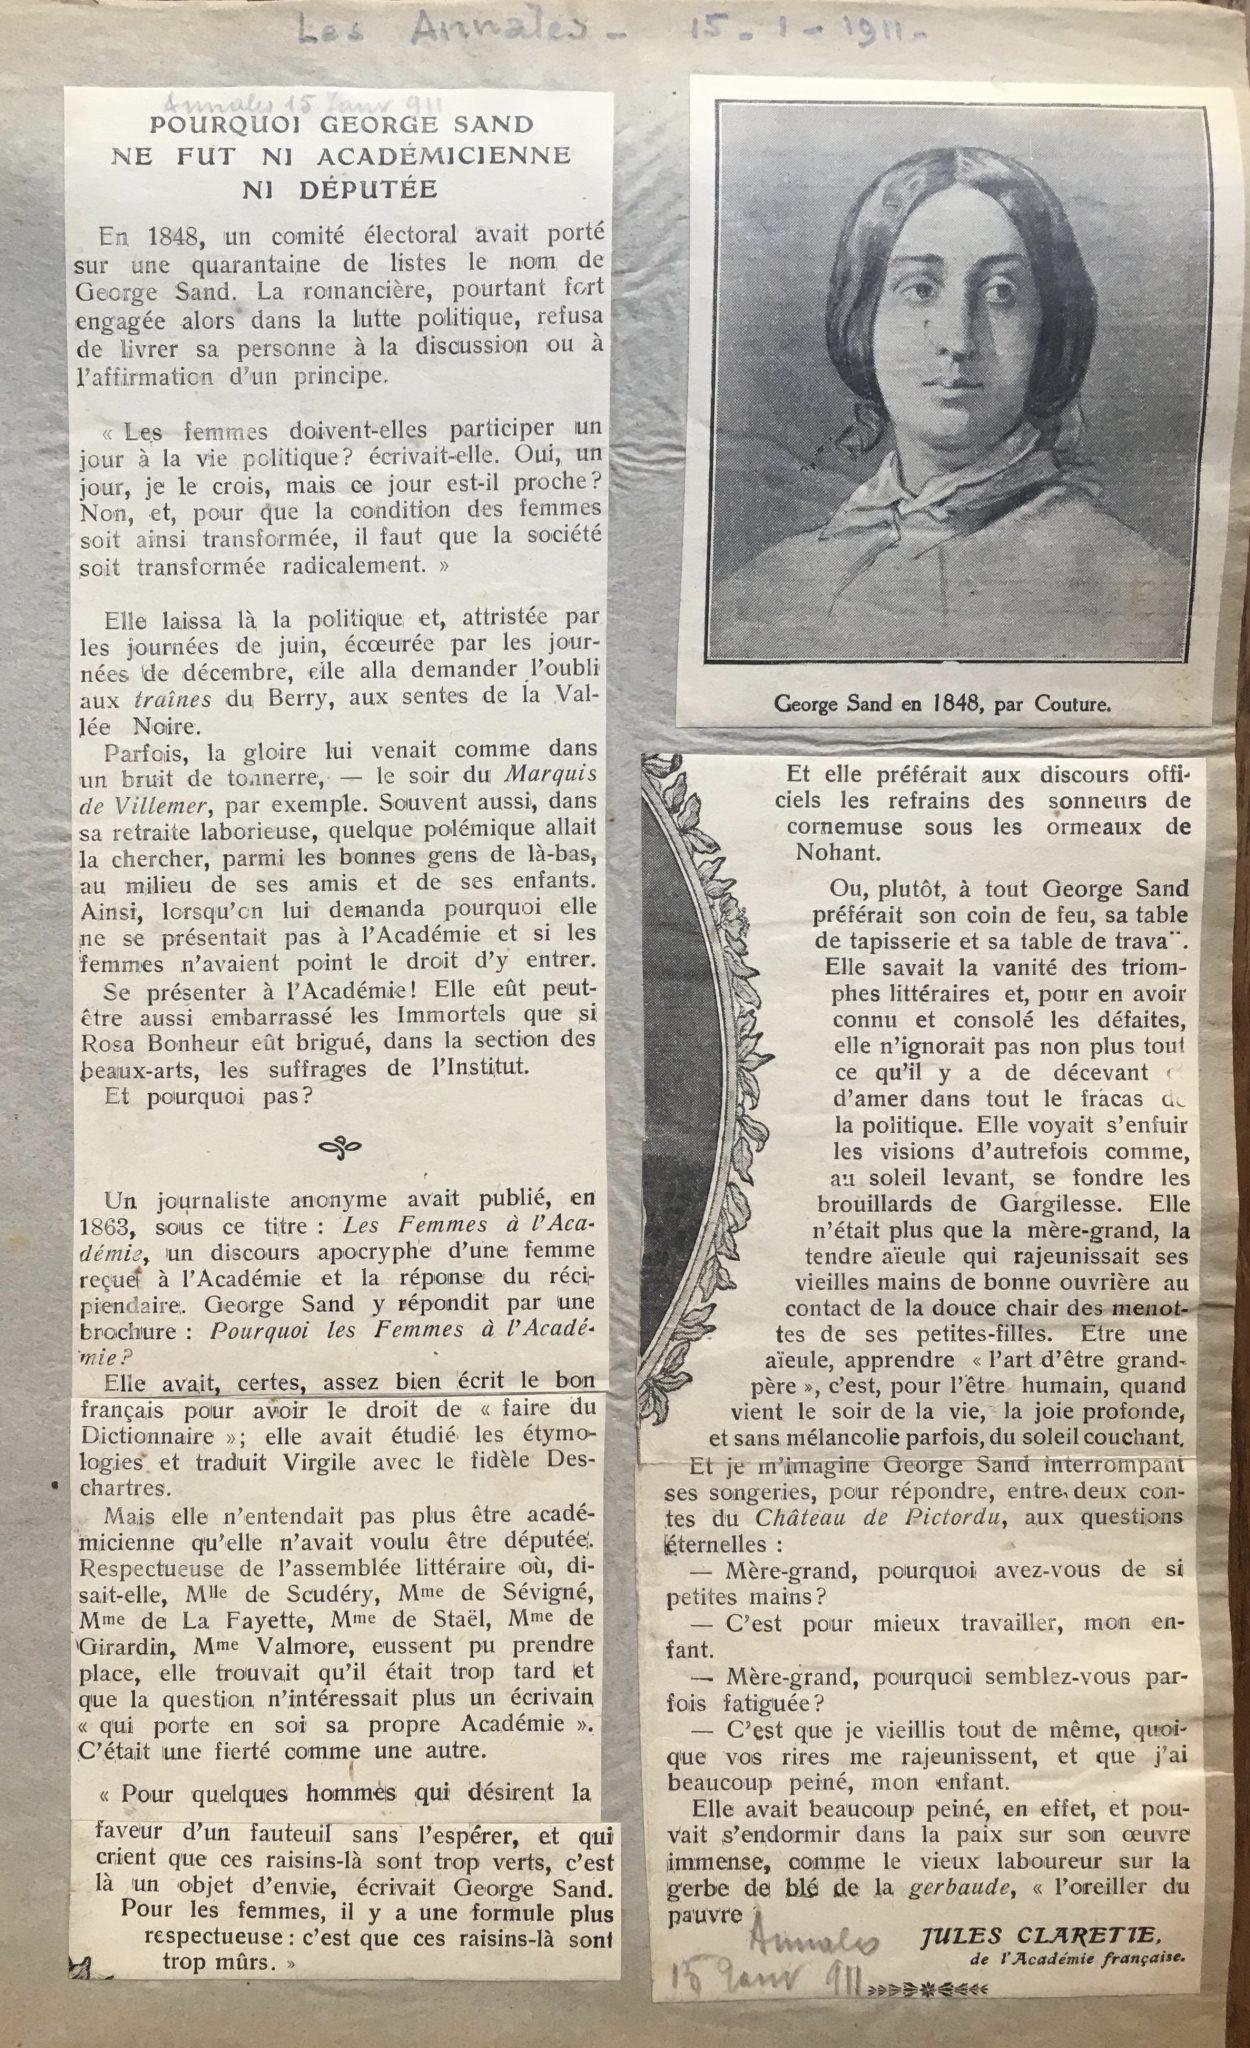 Les Annales 1911